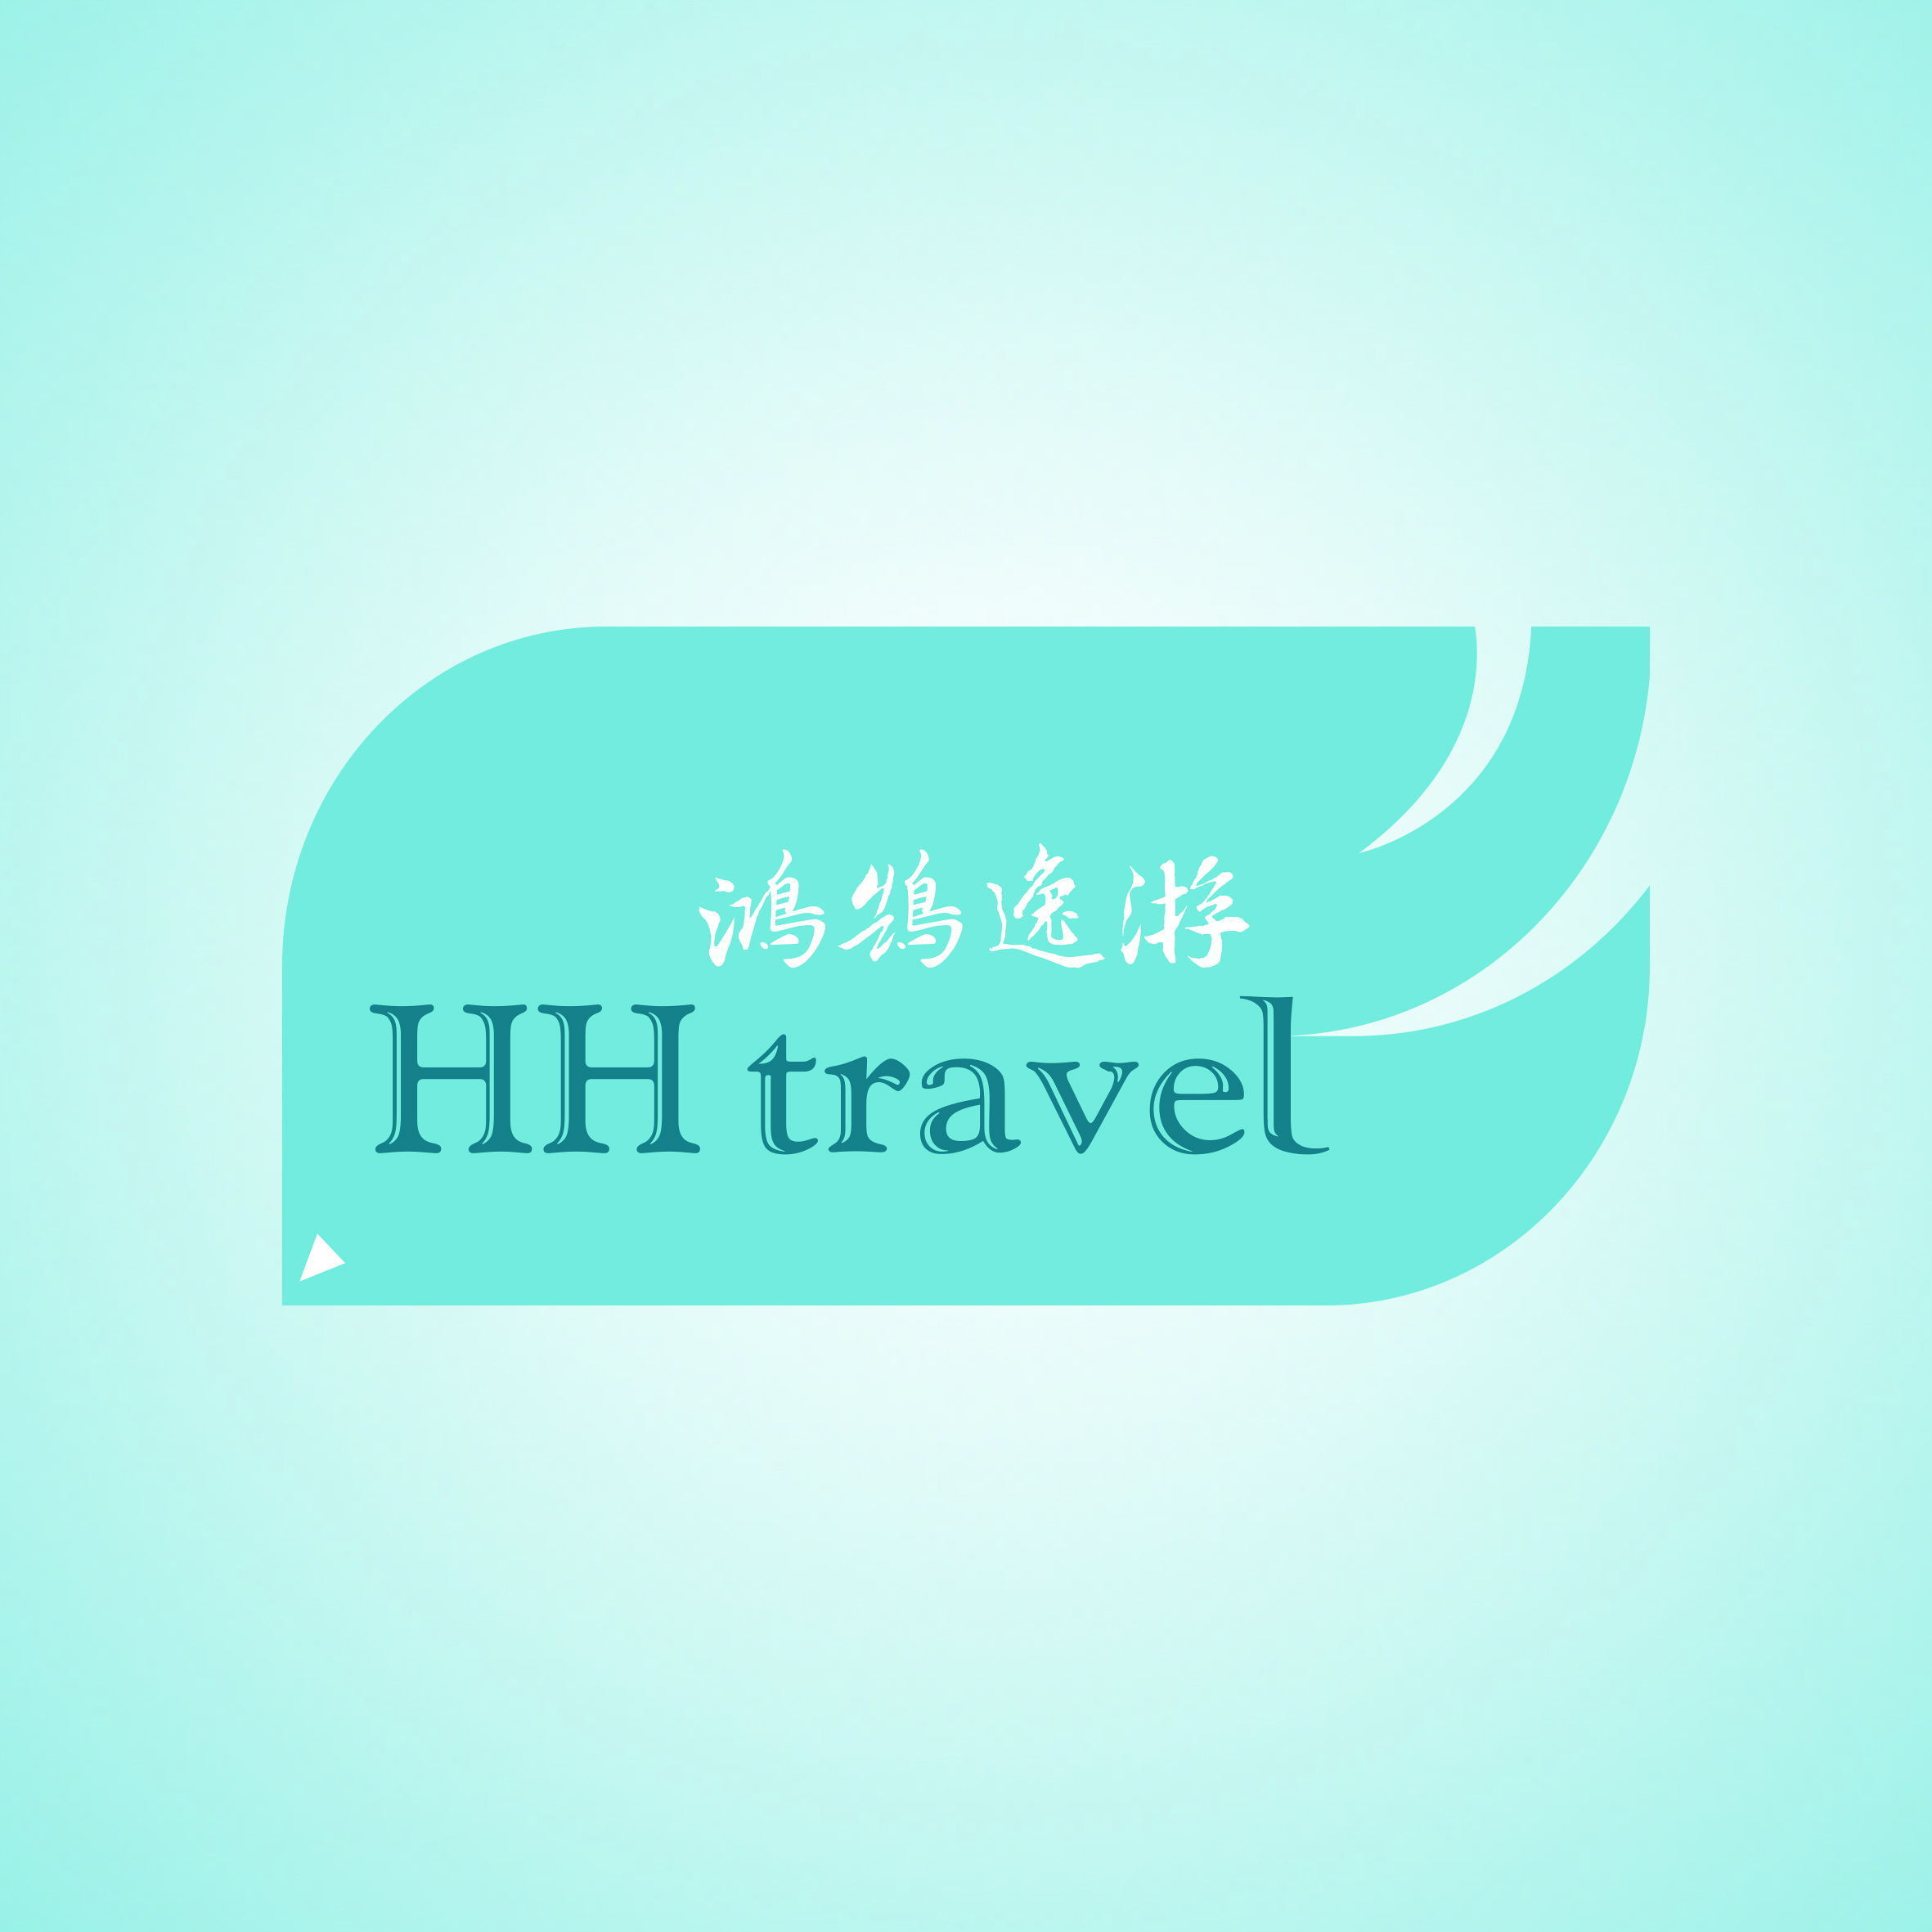 HHtravel鸿鹄逸游